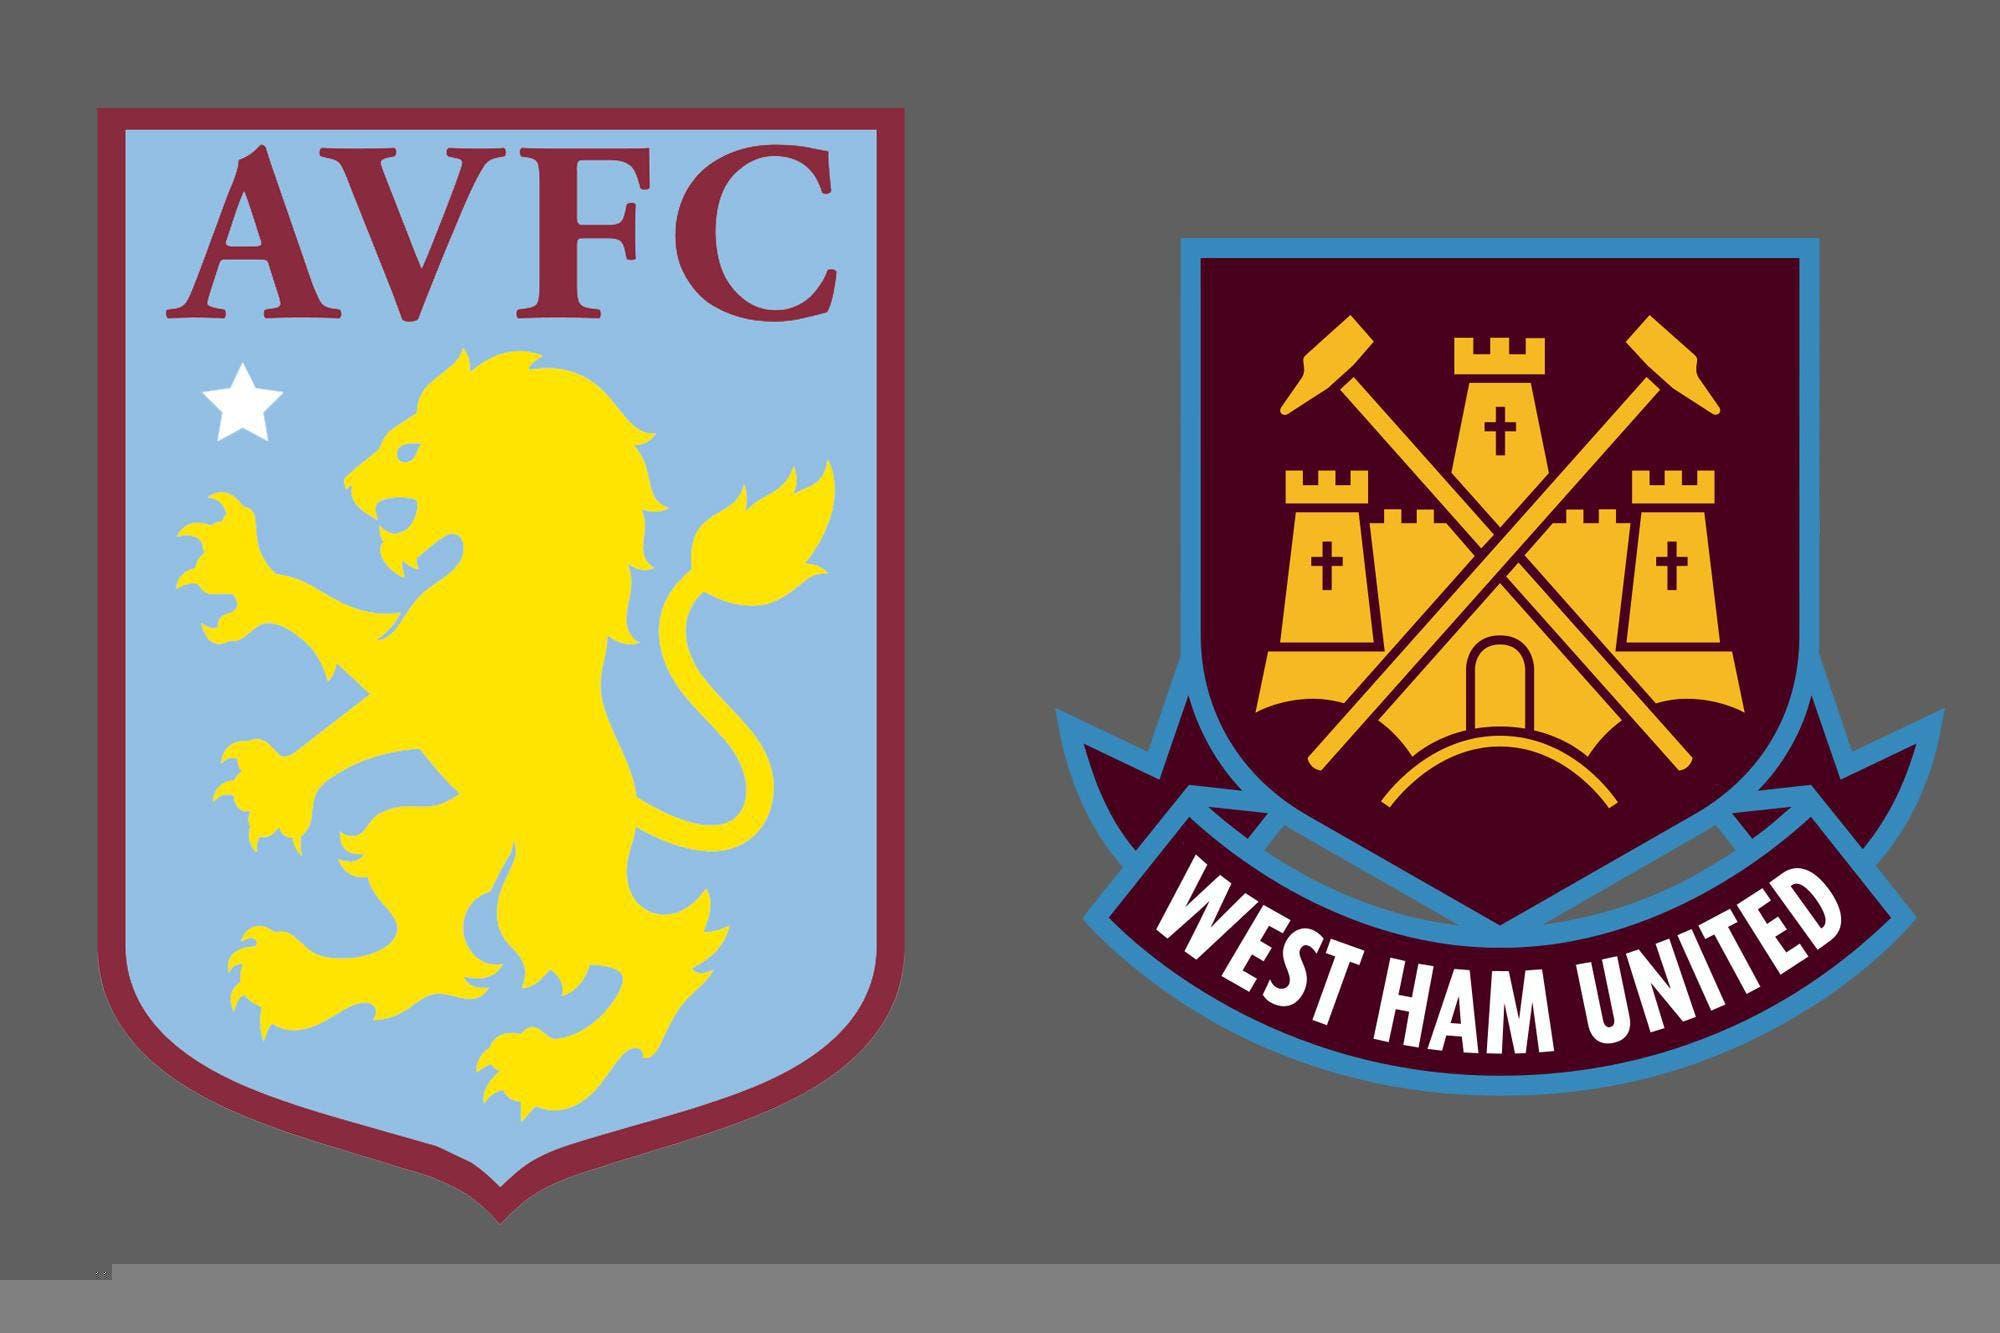 Premier League de Inglaterra: West Ham United venció por 3-1 a Aston Villa como visitante